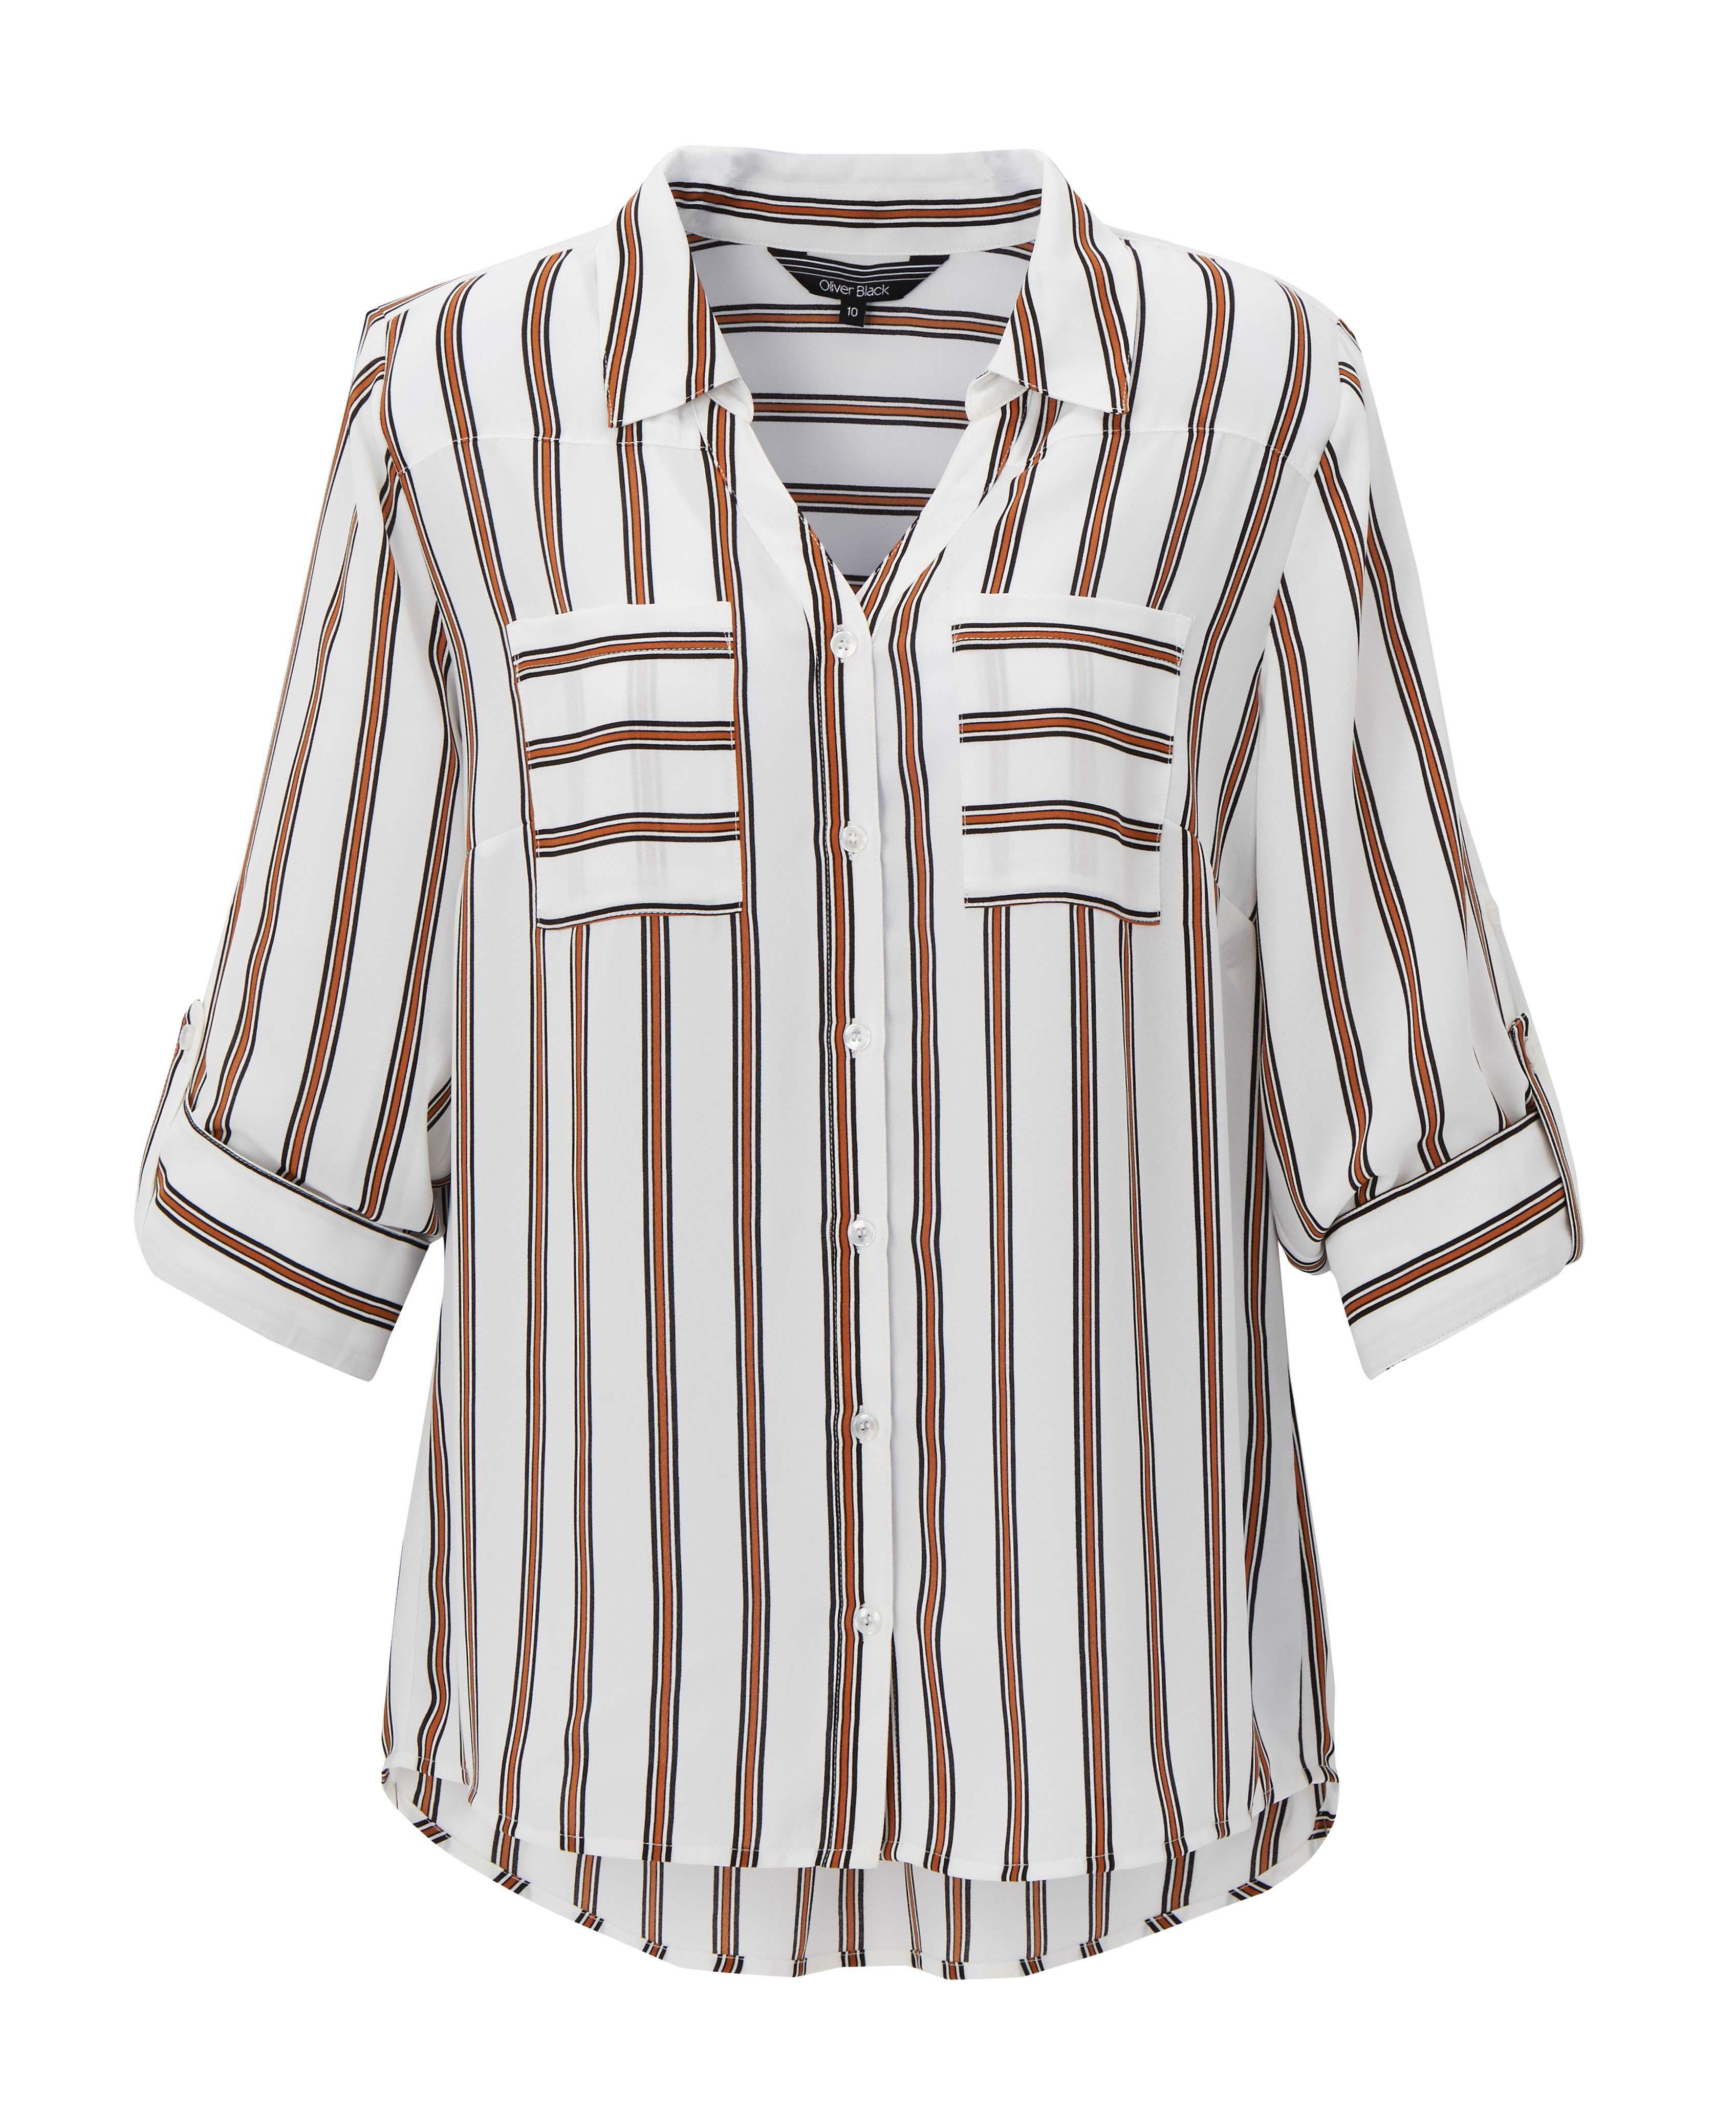 6077846 Oliver Black OB Stripe Black White Shirt Rolled Sleeves $69.99 Instore 4 Feb 2016